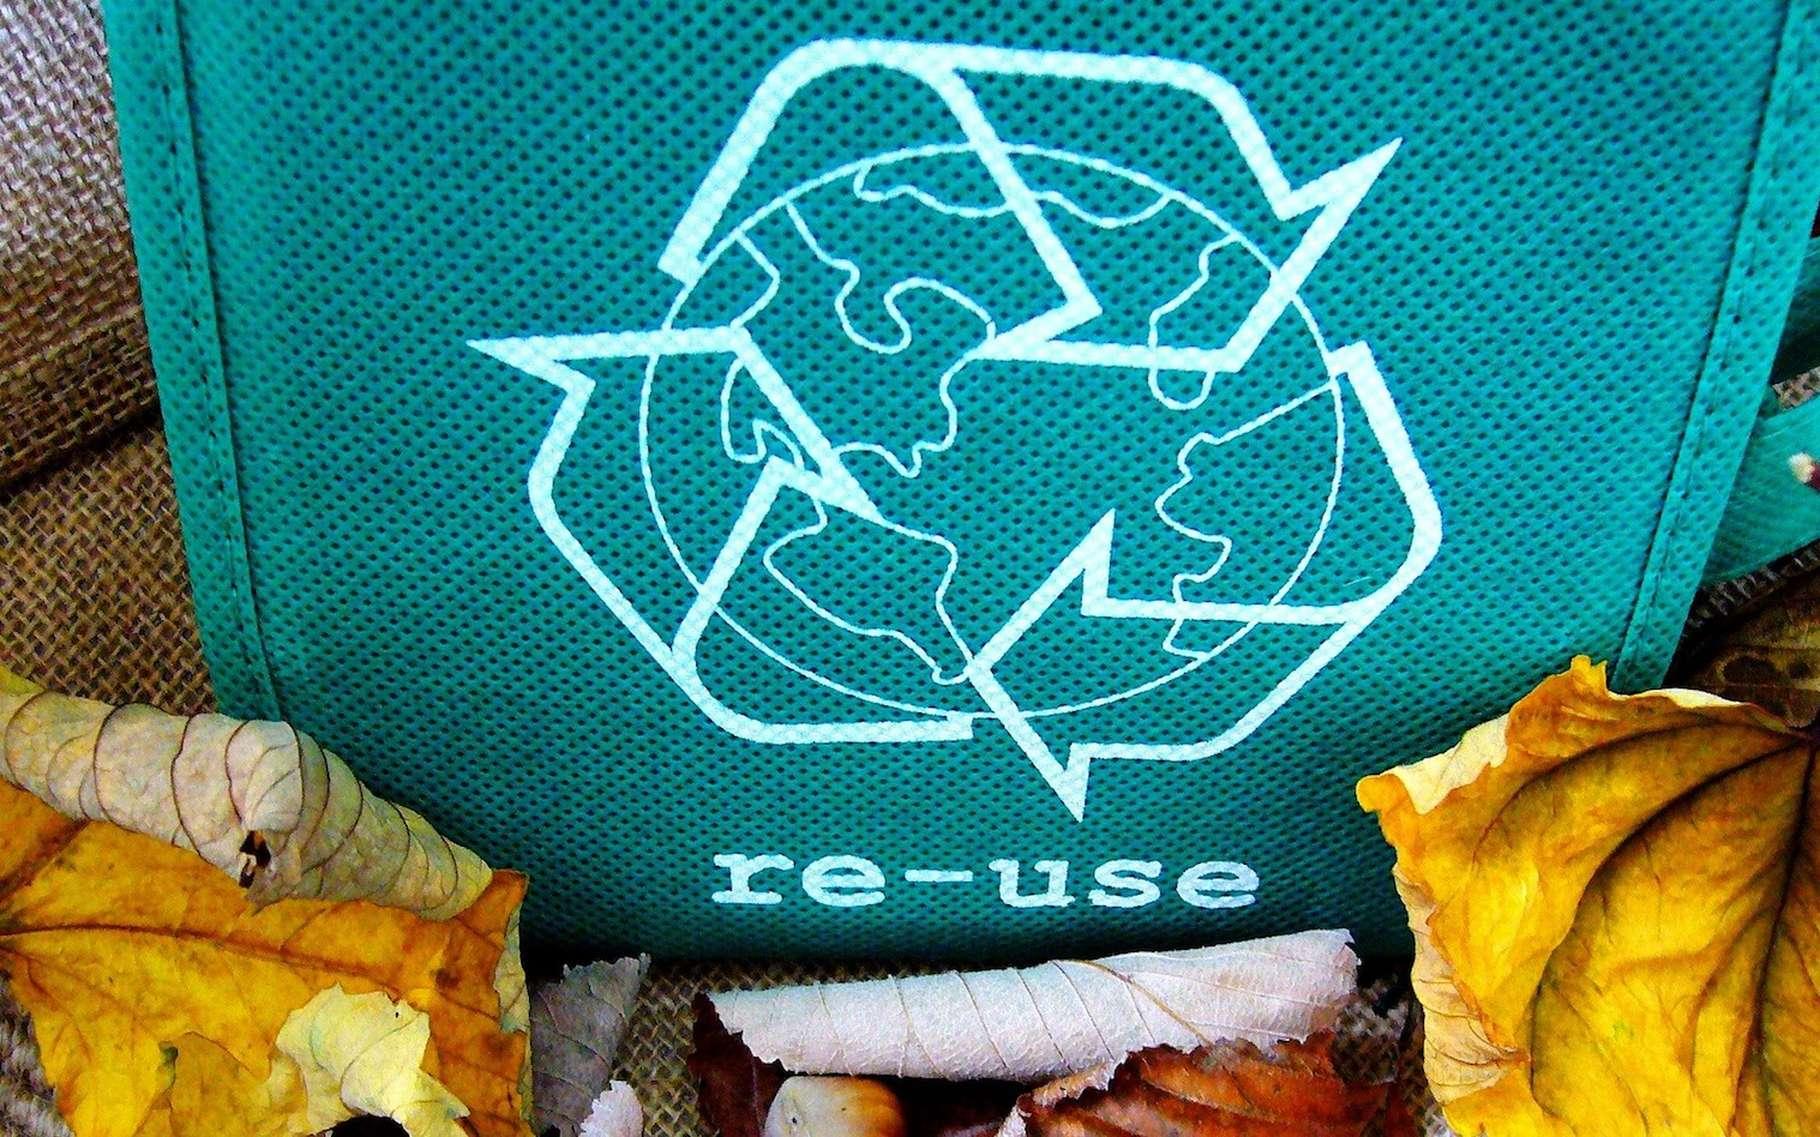 La laine de verre qui sert à l'isolation de nos maisons est recyclable. La vraie question qui se pose est : comment faire pour la recycler? © 9355, Pixabay, CC0 Public Domain